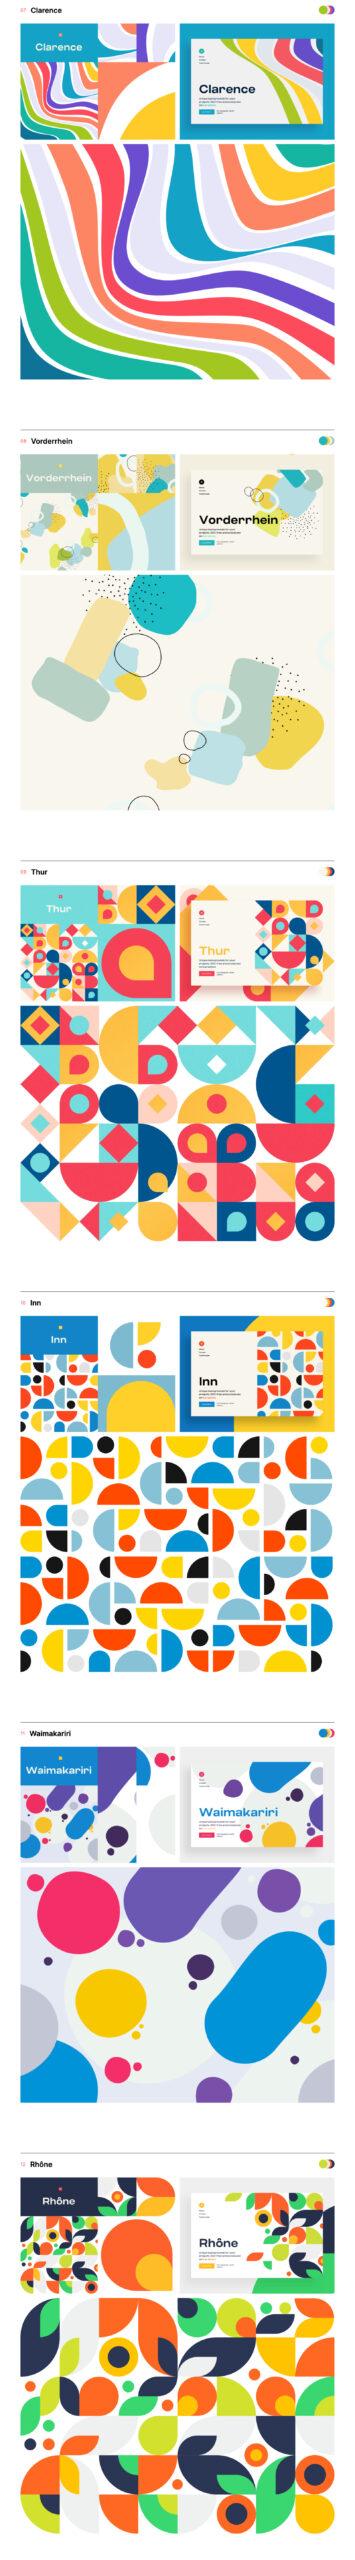 Paaatterns-免费手工制作的图案素材插图1